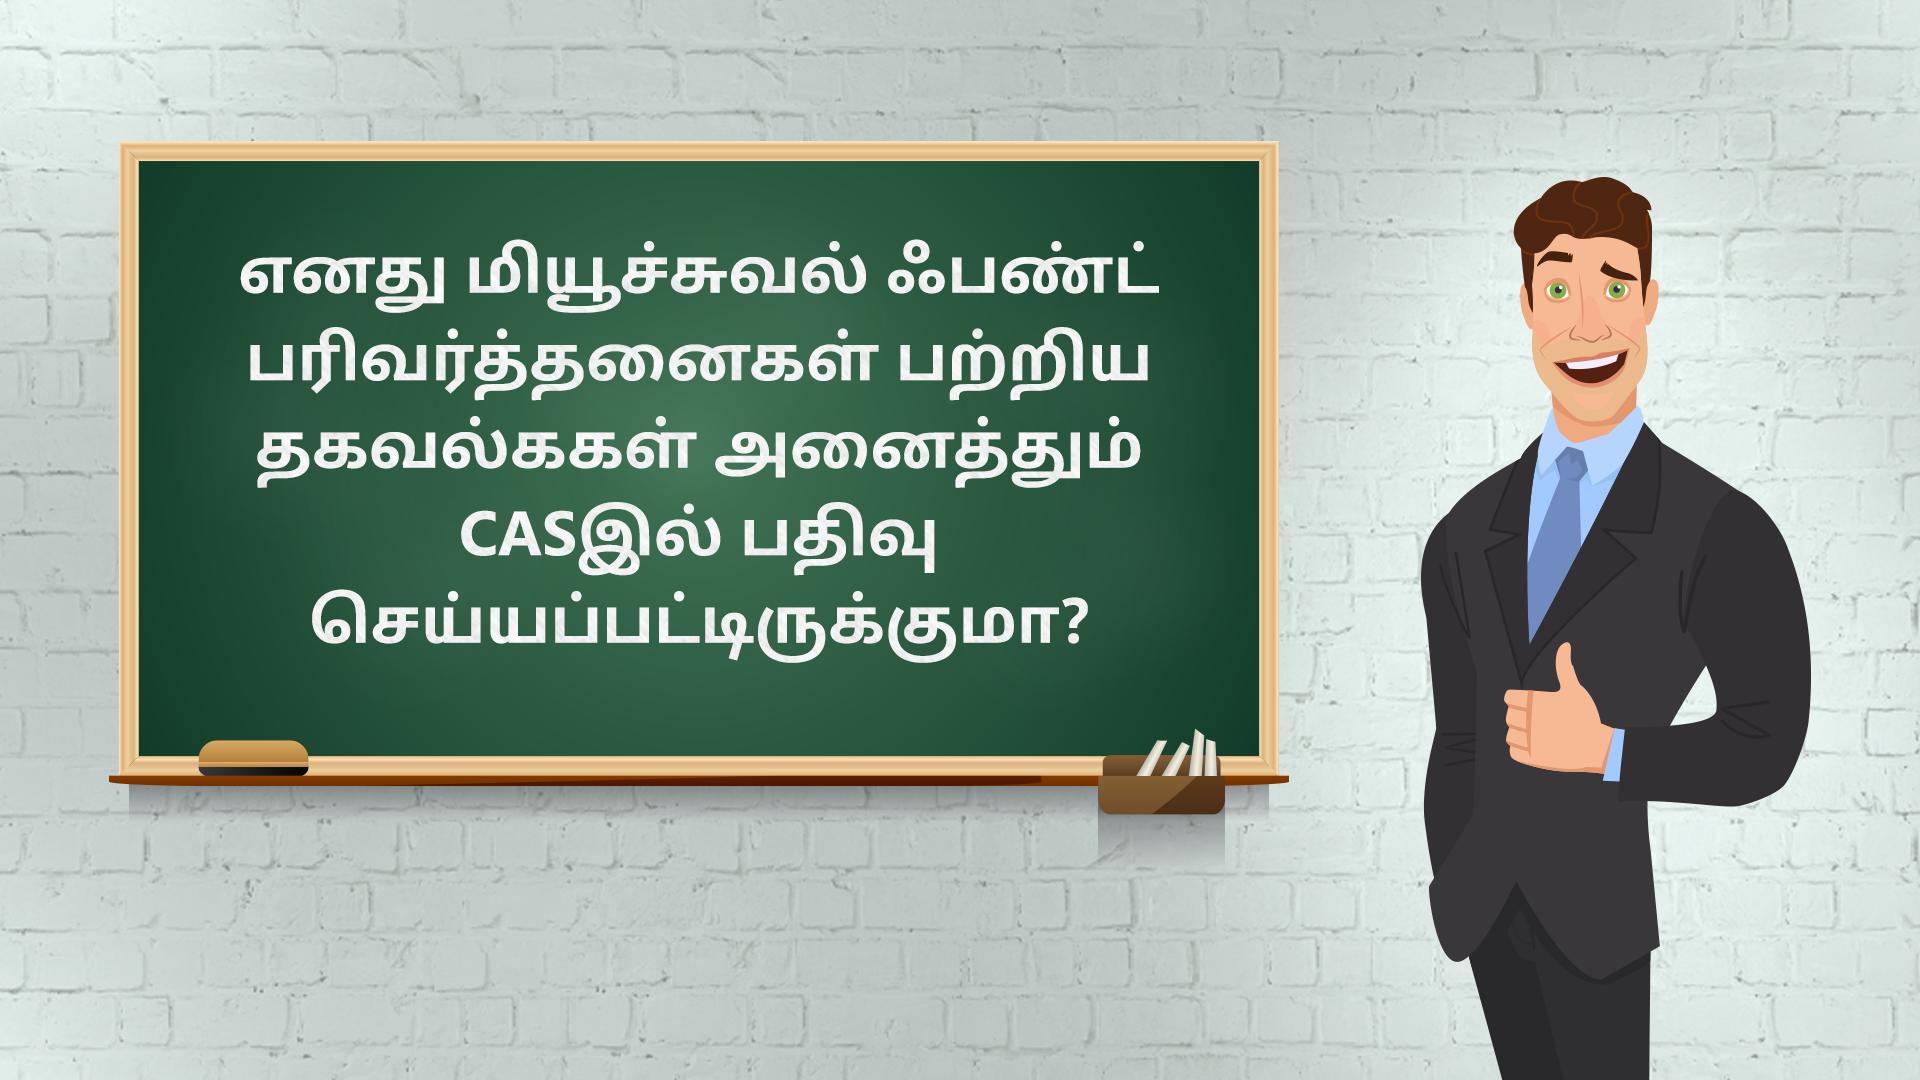 CAS என்றால் என்ன (ஒருங்கிணைந்த கணக்கு அறிக்கை)